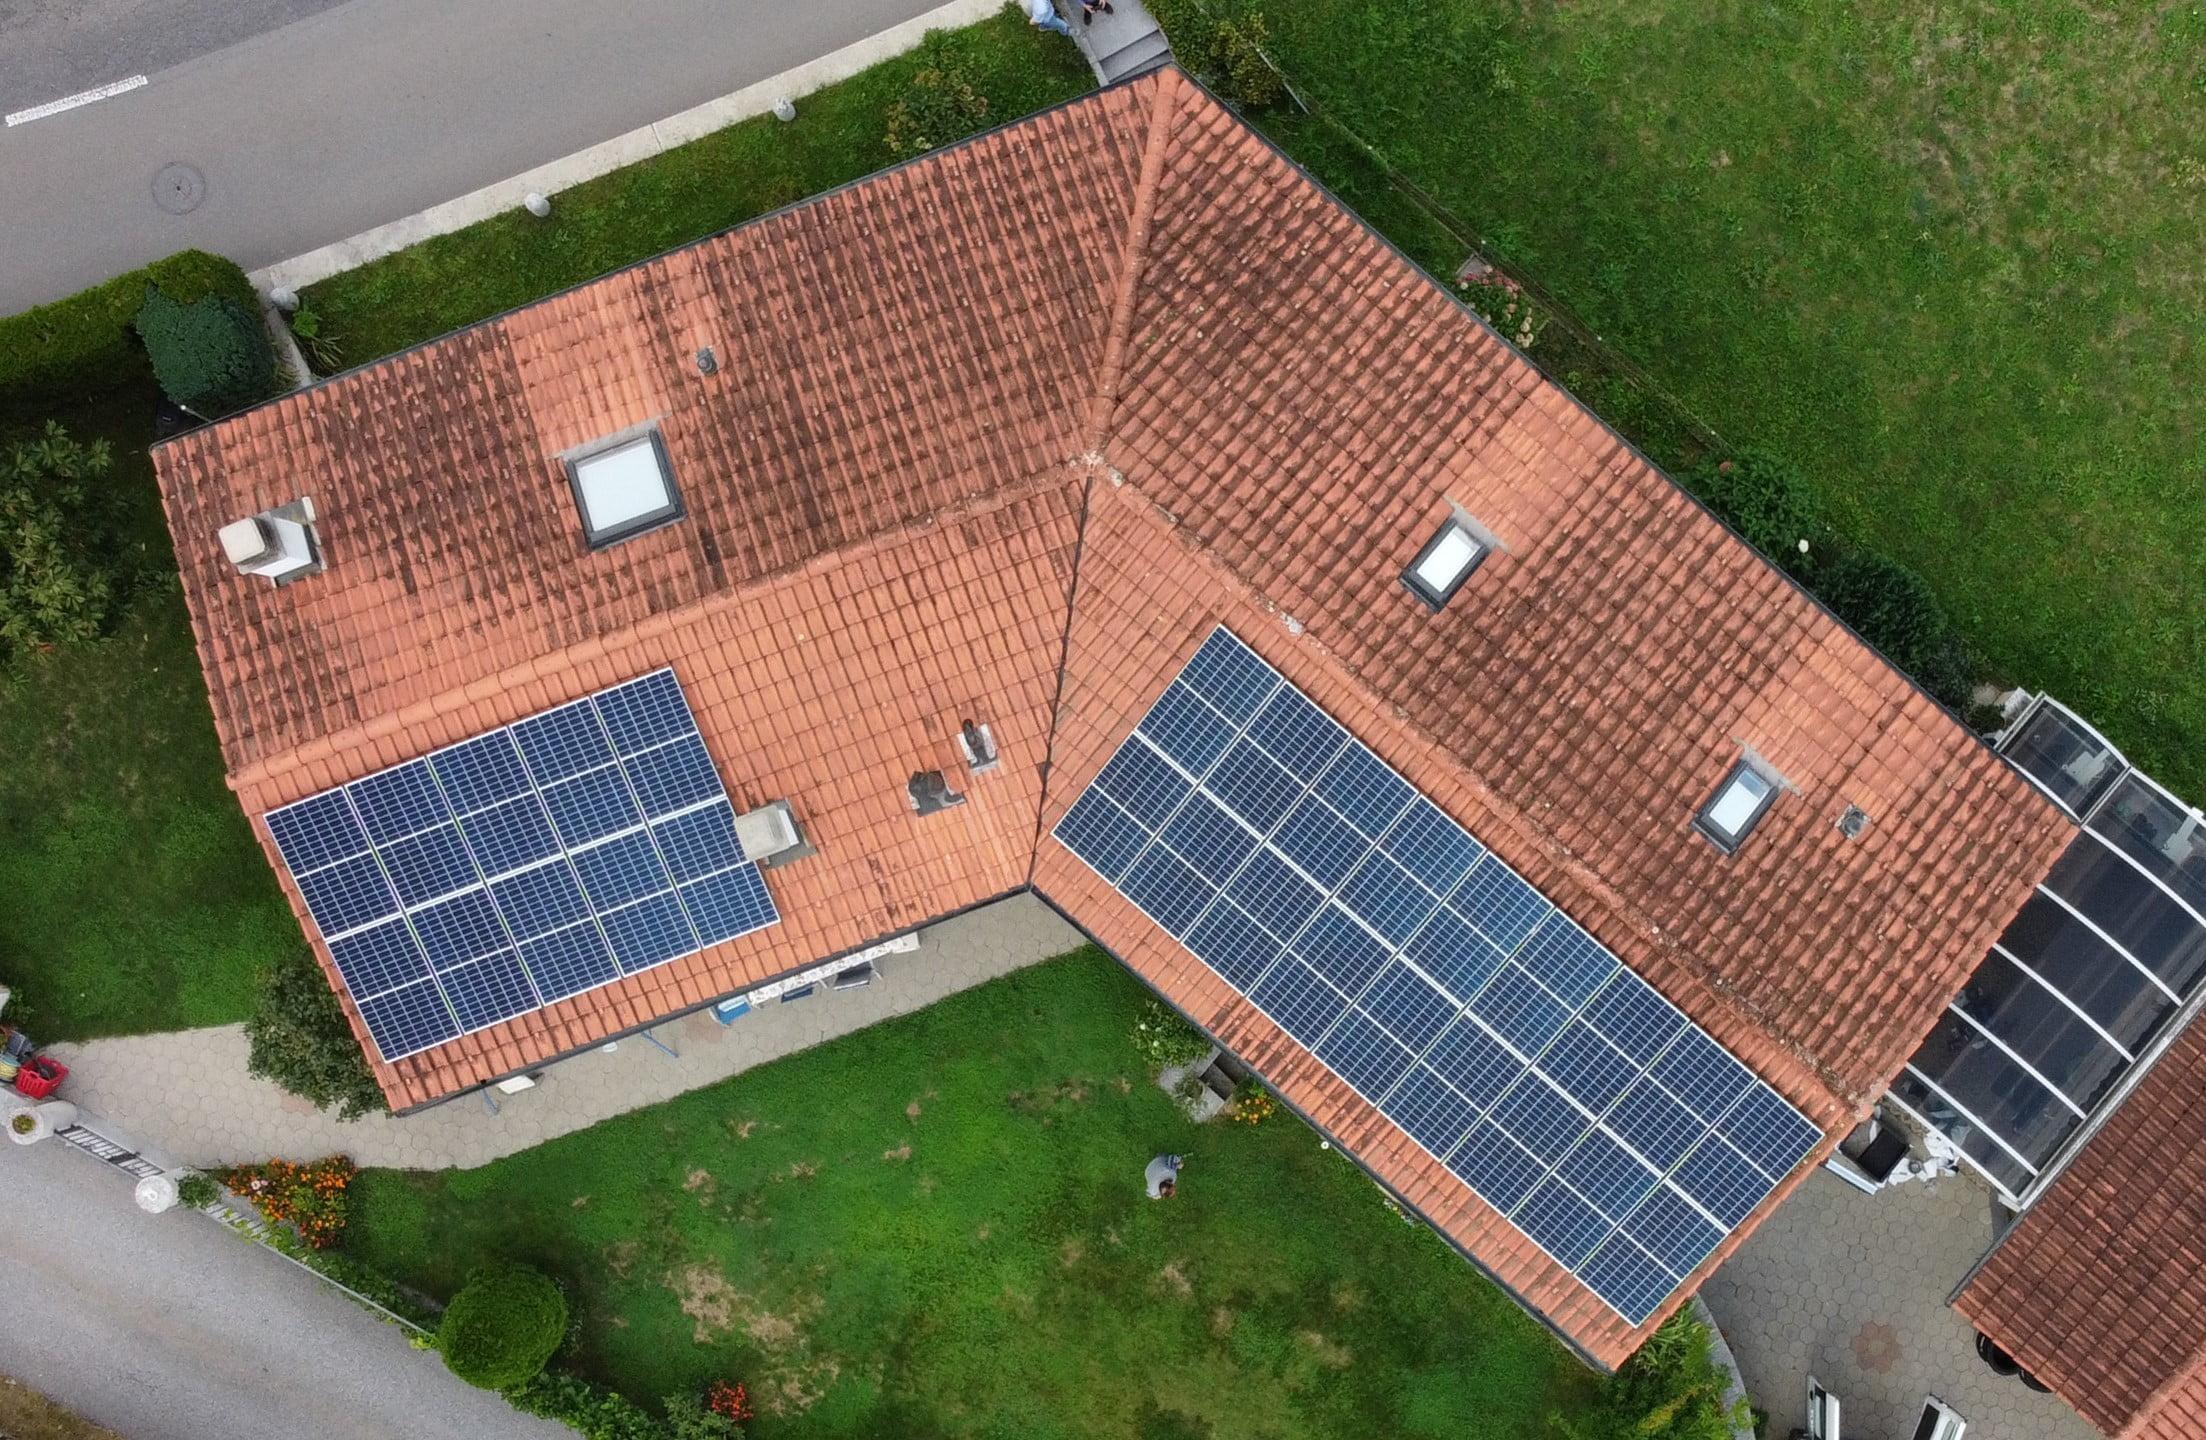 fotovoltaico_batteria_autoconsumo__risparmio energetico_acquarossa